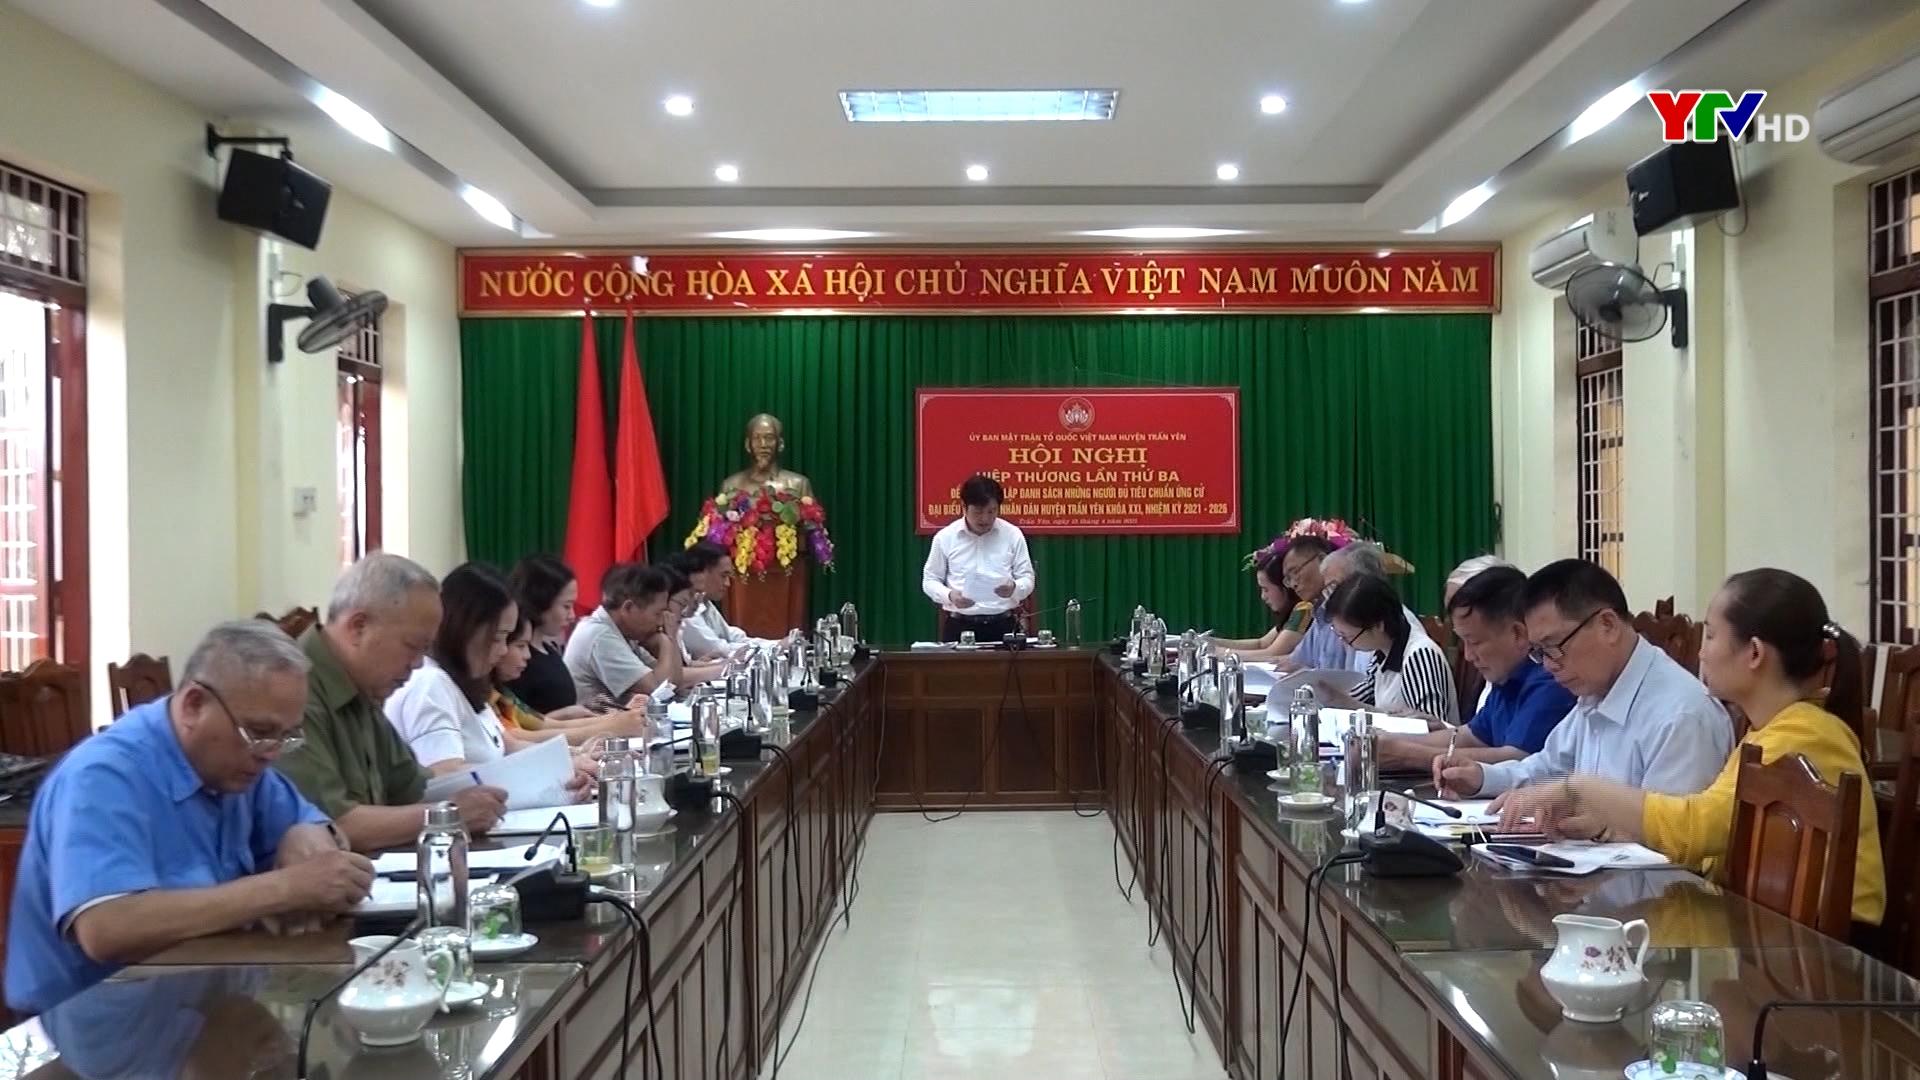 Ủy ban MTTQ huyện Trấn Yên và Trạm Tấu đã tổ chức Hội nghị hiệp thương lần thứ 3